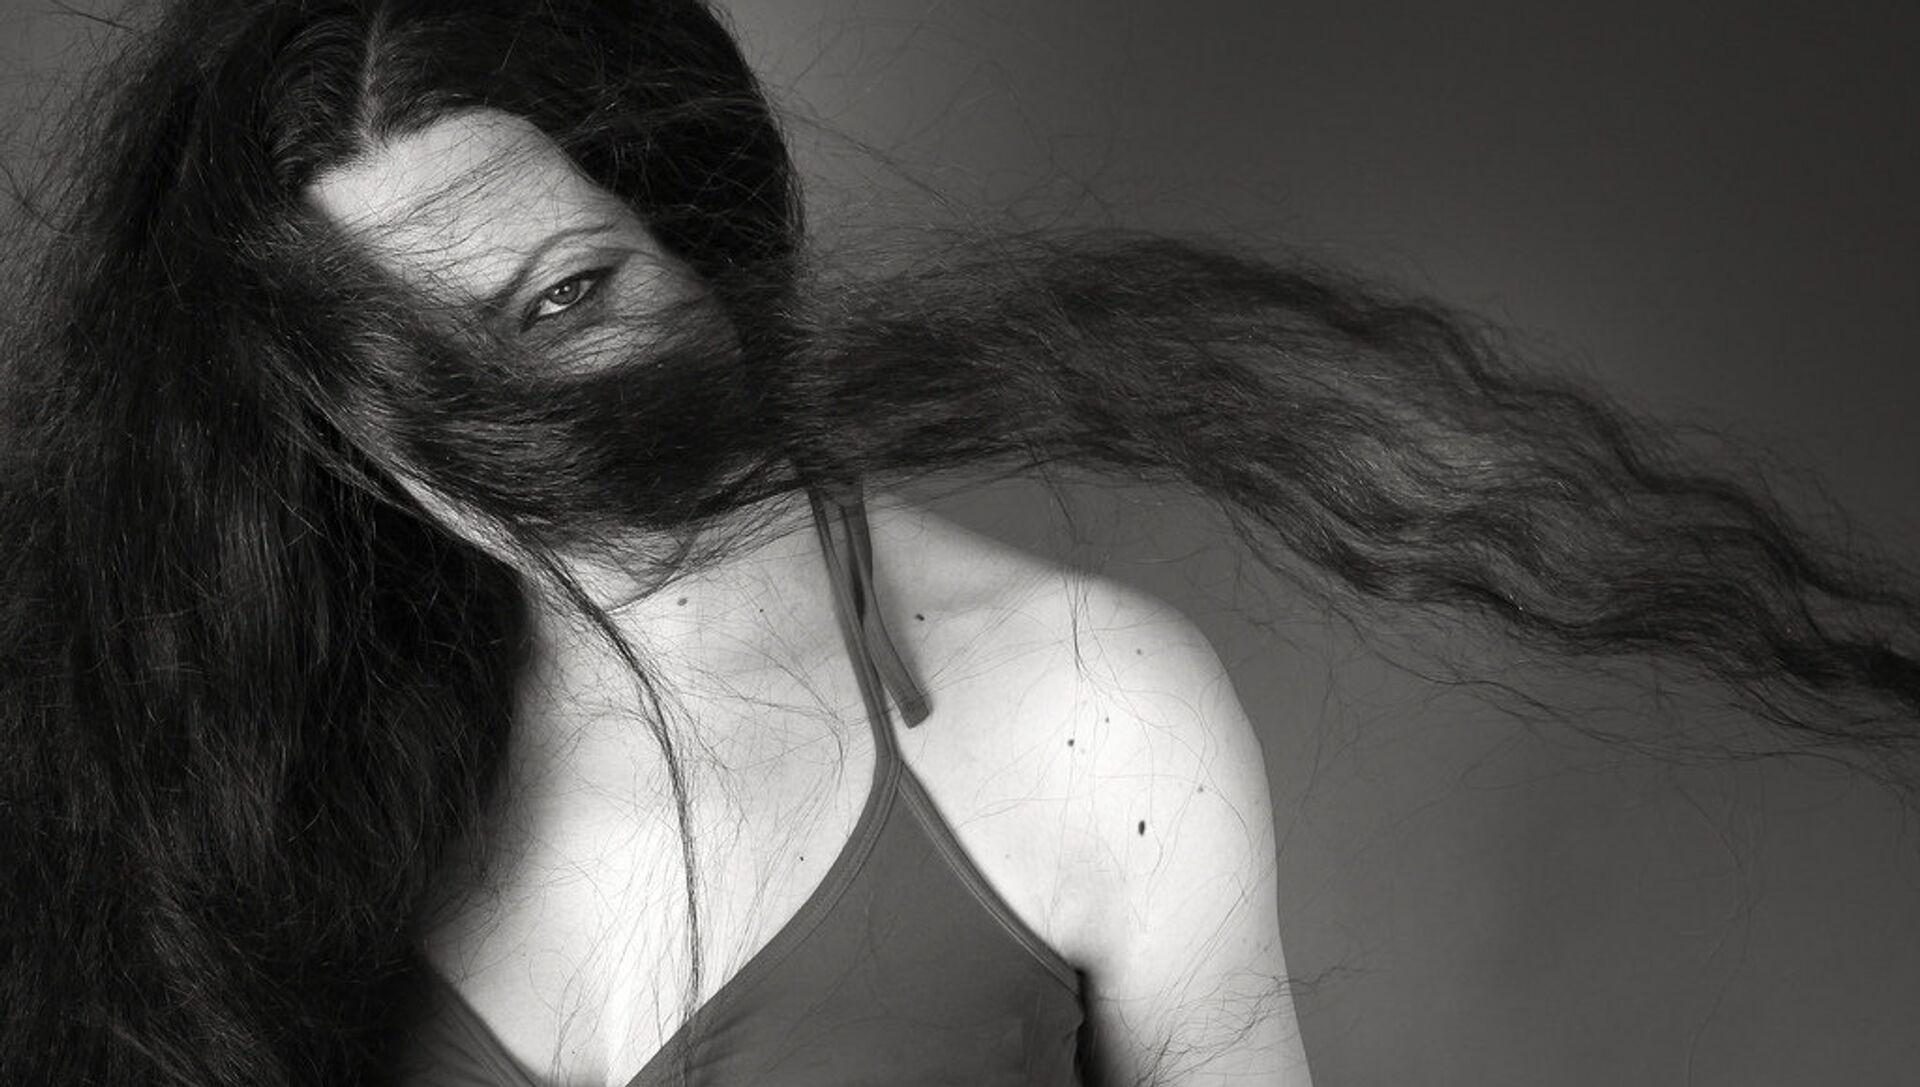 Thiếu nữ tóc dài - Sputnik Việt Nam, 1920, 01.10.2021